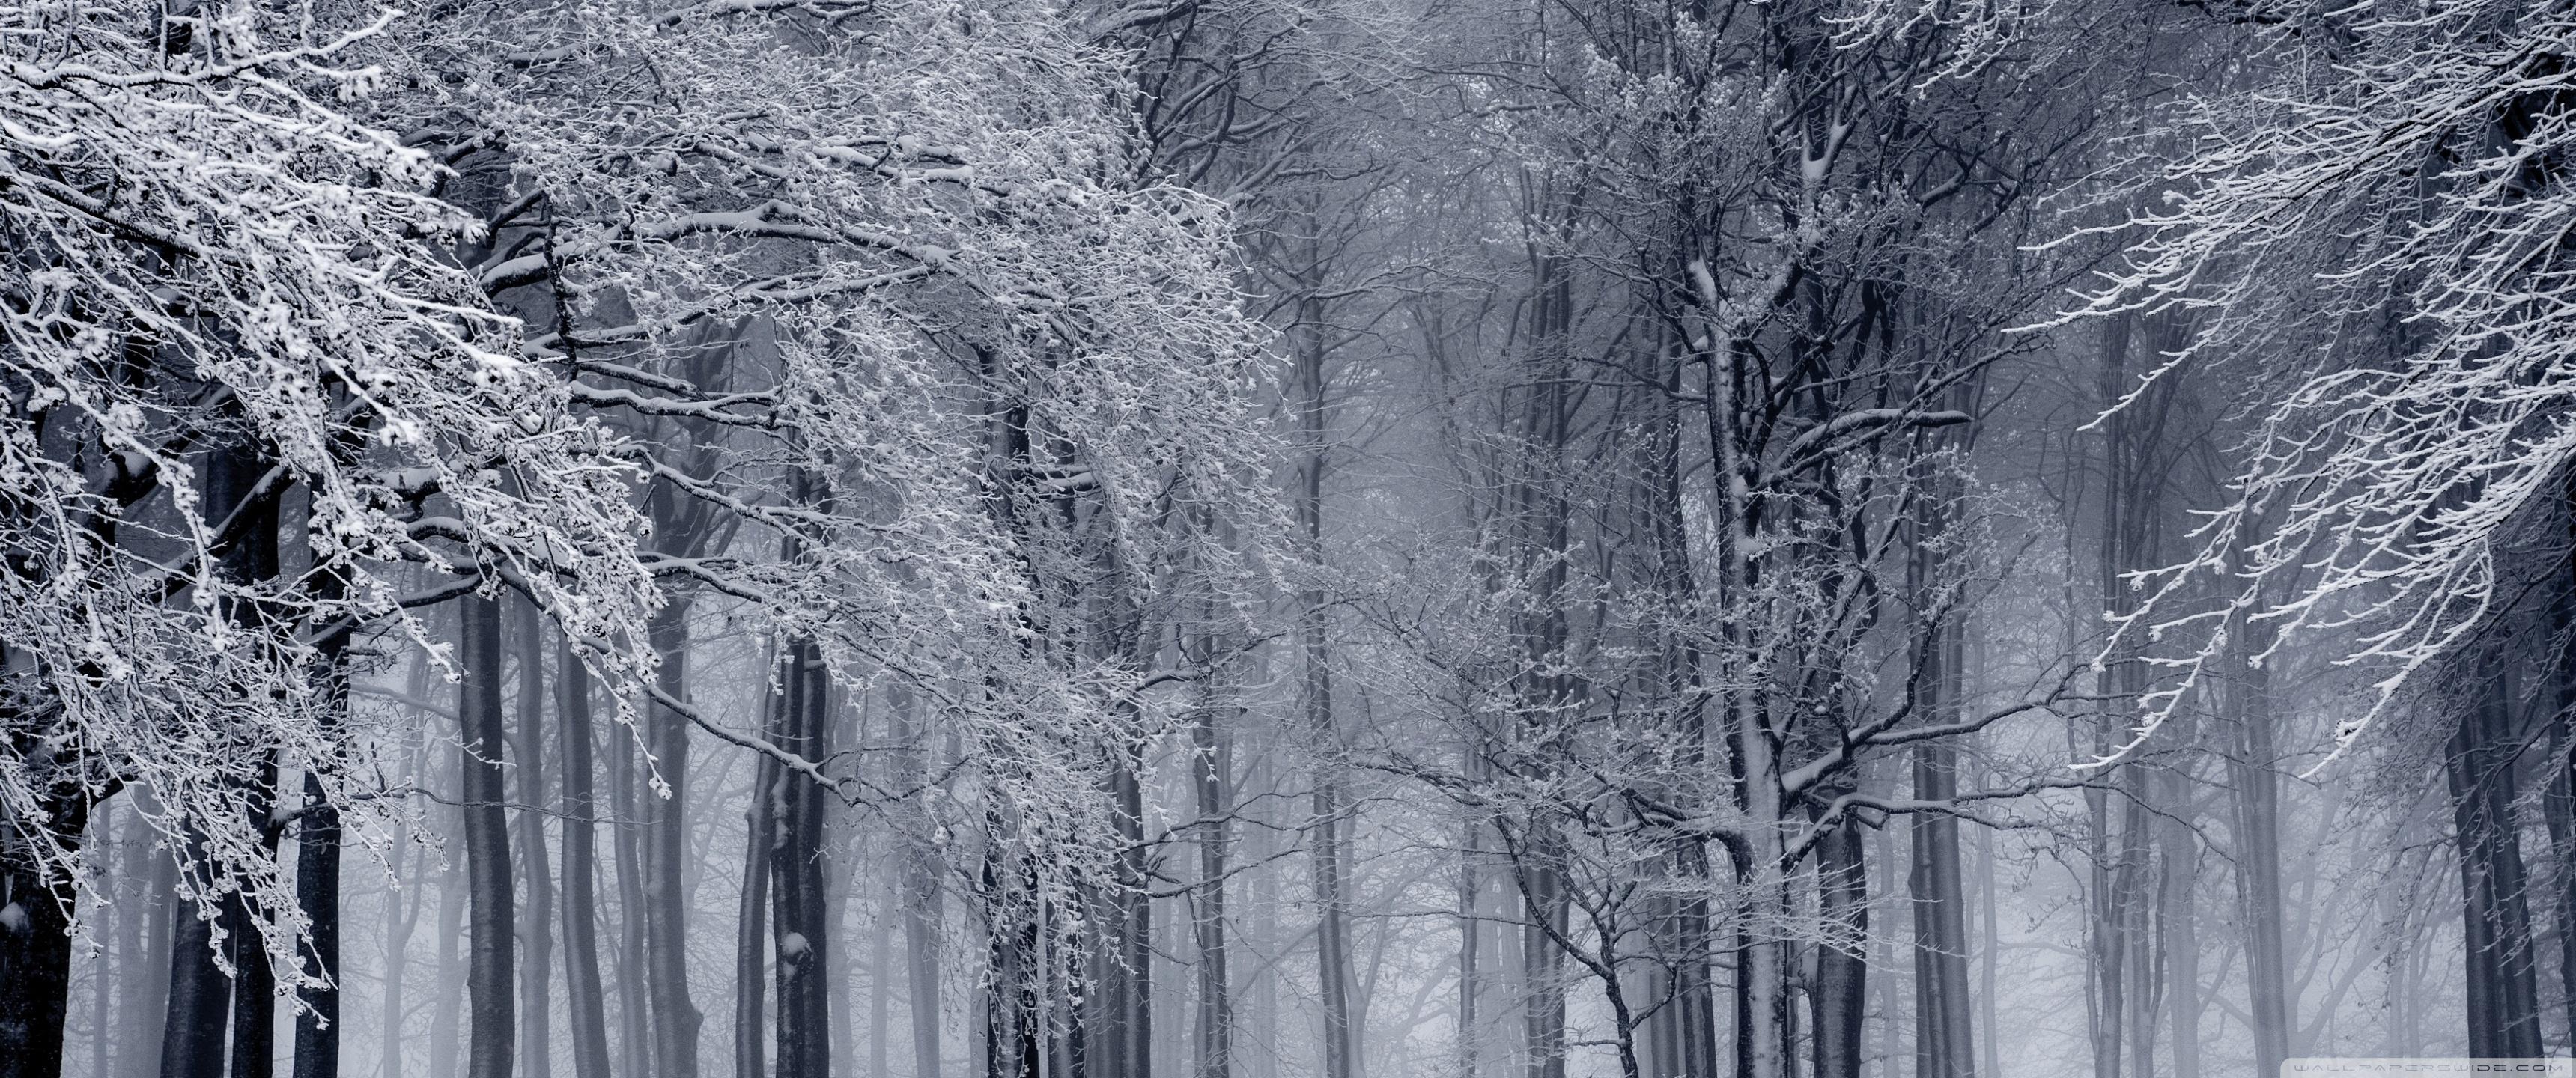 Winter 4k Ultrawide Wallpapers